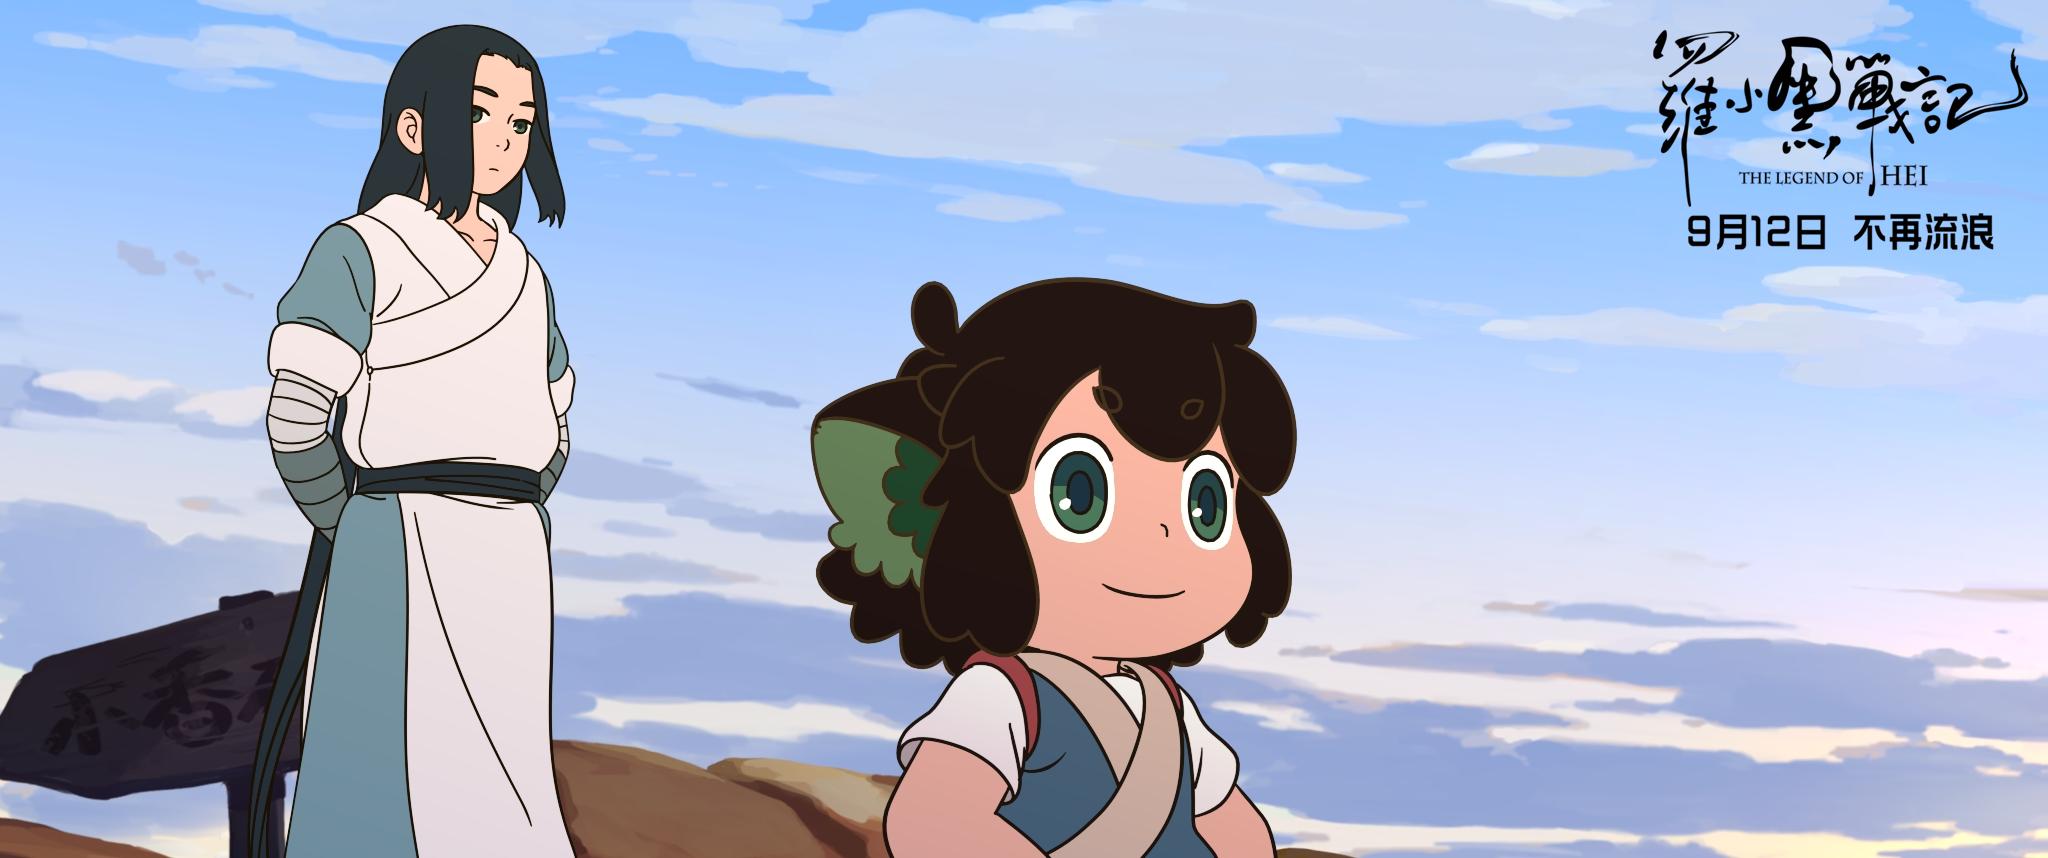 摩天娱乐纳西国摩天娱乐际动画电影图片